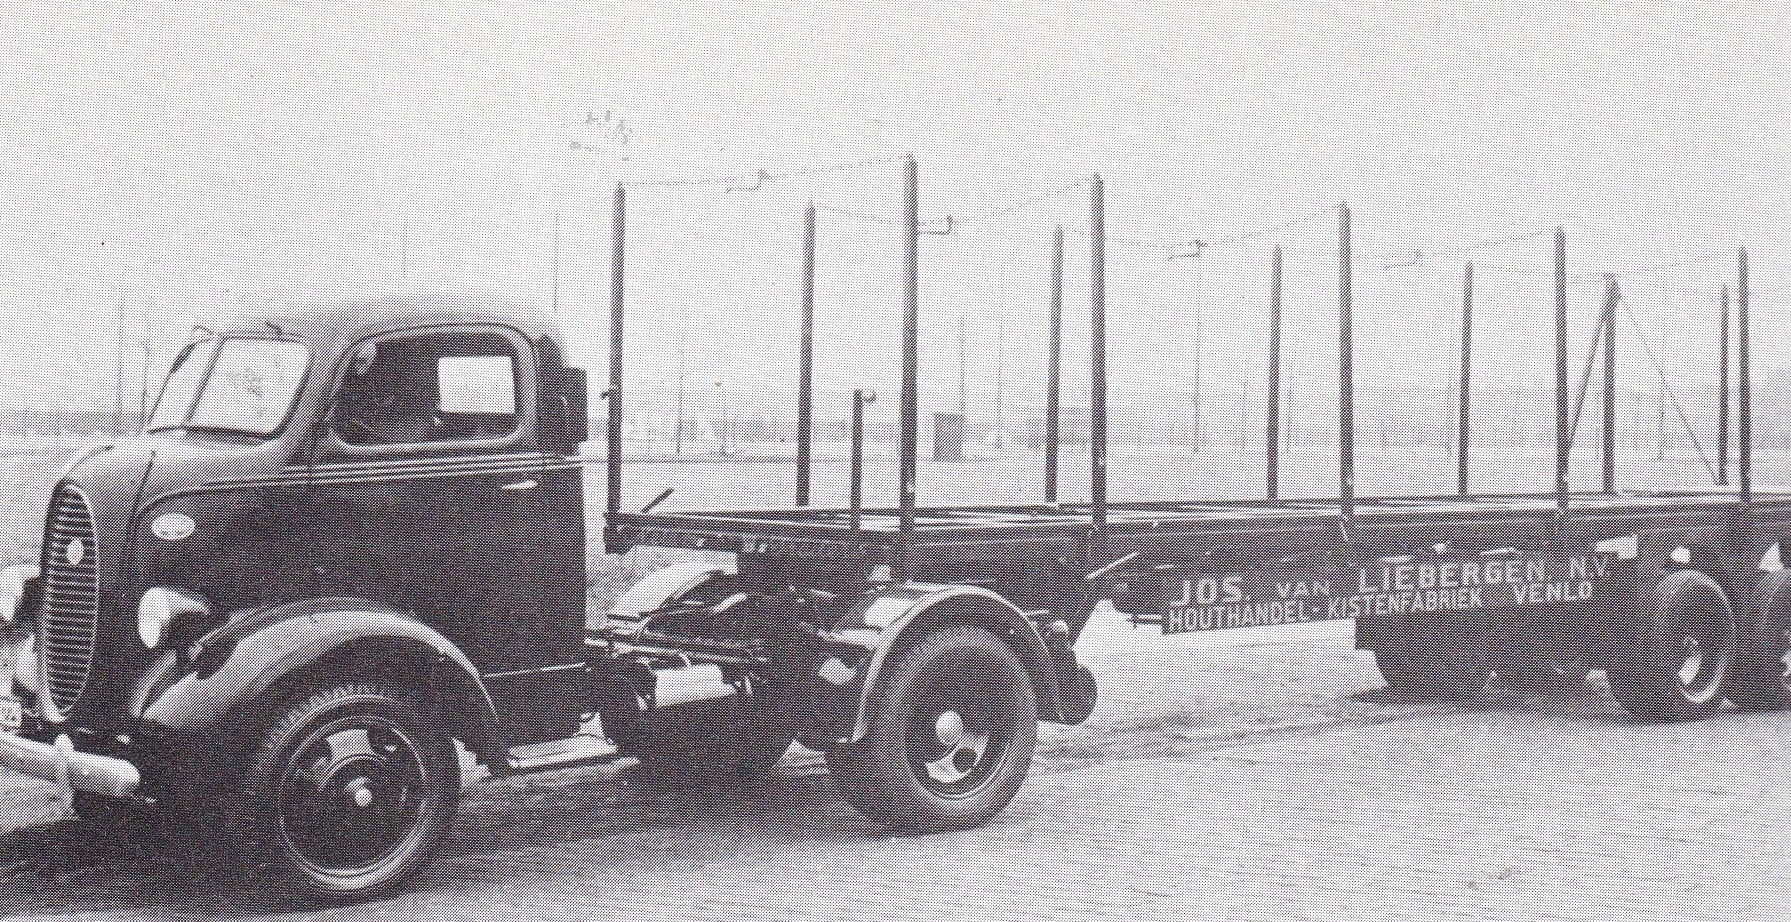 Ford-Jos-van-Liebergen-venlo